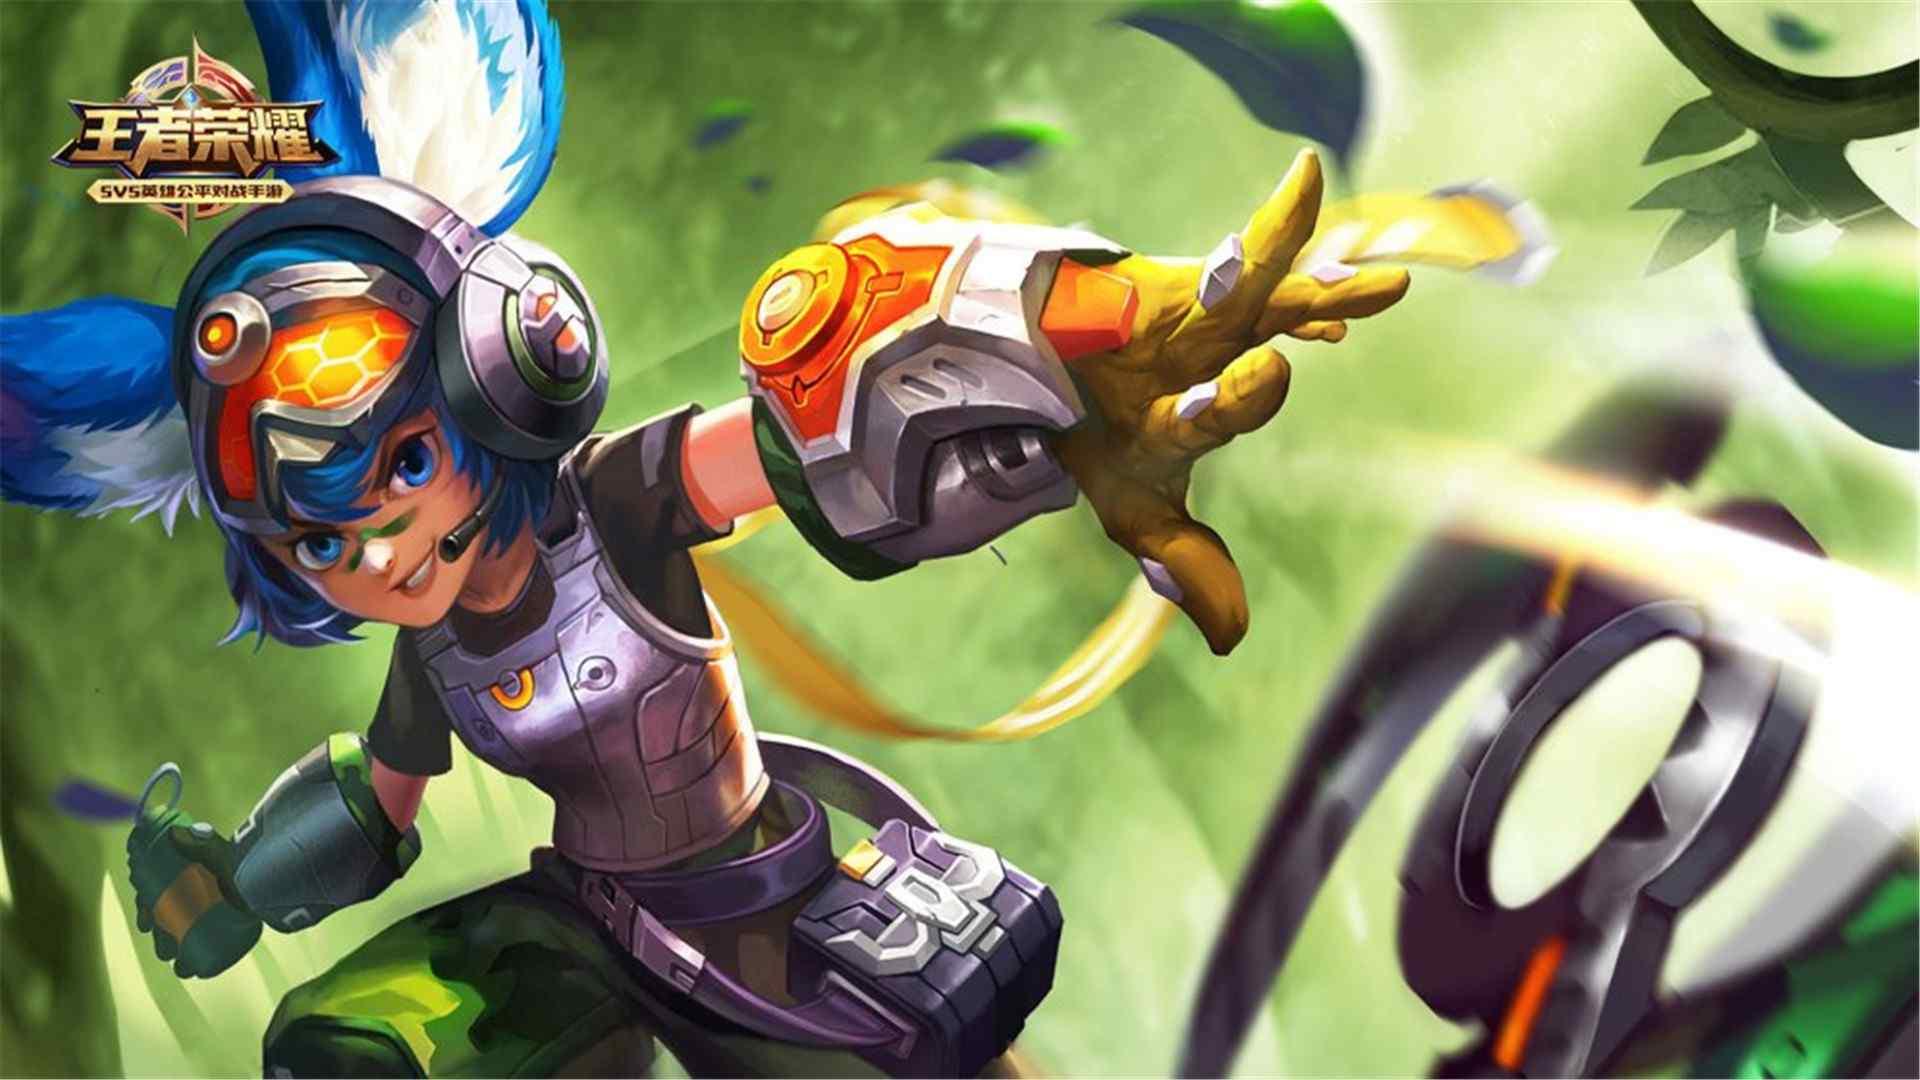 《王者荣耀》是由腾讯游戏开发并运行的一款运营在Android、IOS平台上的MOBA类手游,于2015年11月26日在Android、IOS平台上正式公测,游戏前期使用名称有《英雄战迹》、《王者联盟》。游戏是类dota手游,手游《王者荣耀》人物英雄高清电脑壁纸是桌面天下的小编为你推荐的,喜欢的朋友可以到桌面天下网来下载。桌面天下为你推荐最新、最好看的壁纸,欢迎你的关注。